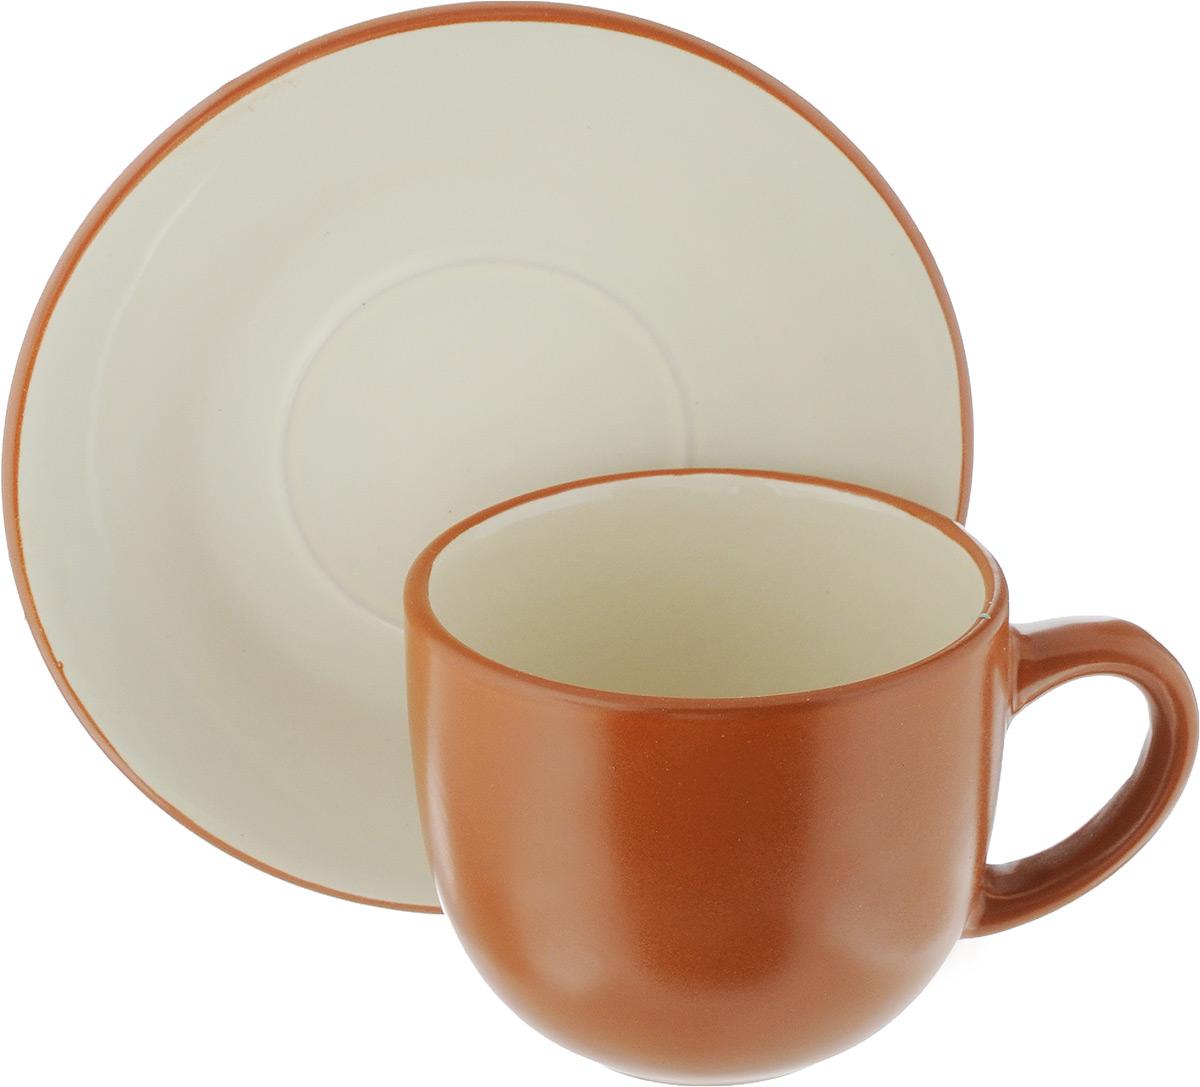 Чайная пара Ломоносовская керамика, 2 предмета. 1ЧП-220ТК1ЧП-220ТКЧайная пара Ломоносовская керамика состоит из чашки и блюдца. Изделия, выполненные из высококачественной глины с глазурованным покрытием, имеют элегантный дизайн. Такая чайная пара прекрасно подойдет как для повседневного использования, так и для праздников. Объем чашки: 200 мл. Диаметр чашки (по верхнему краю): 8,5 см. Высота чашки: 7 см. Диаметр блюдца: 14,5 см. Высота блюдца: 1,7 см.